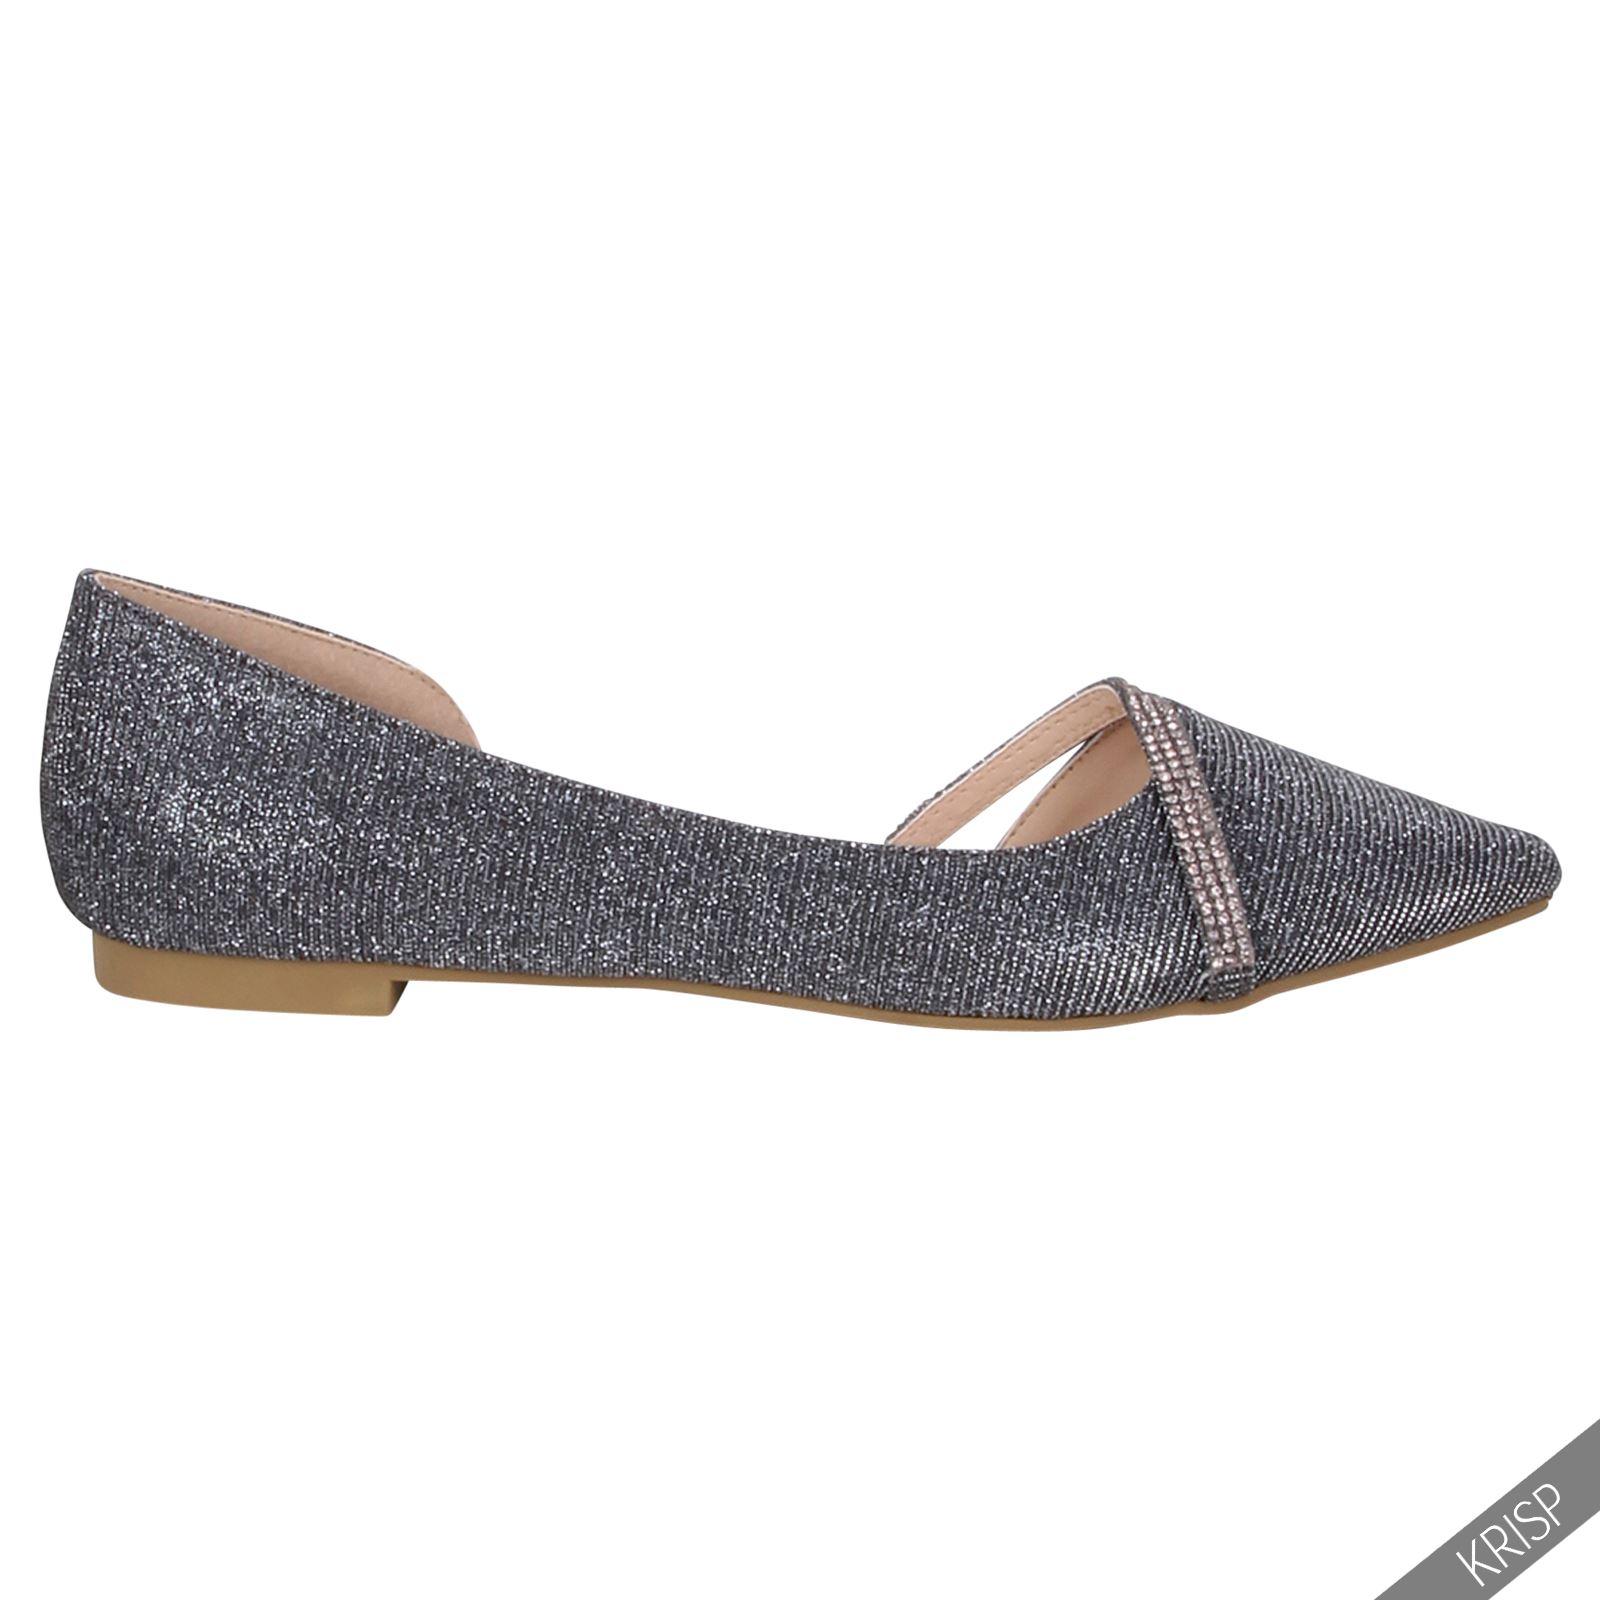 Ballerinas Flats Slipper Damen Schuhe TOP Pumps 1737 Silber 37